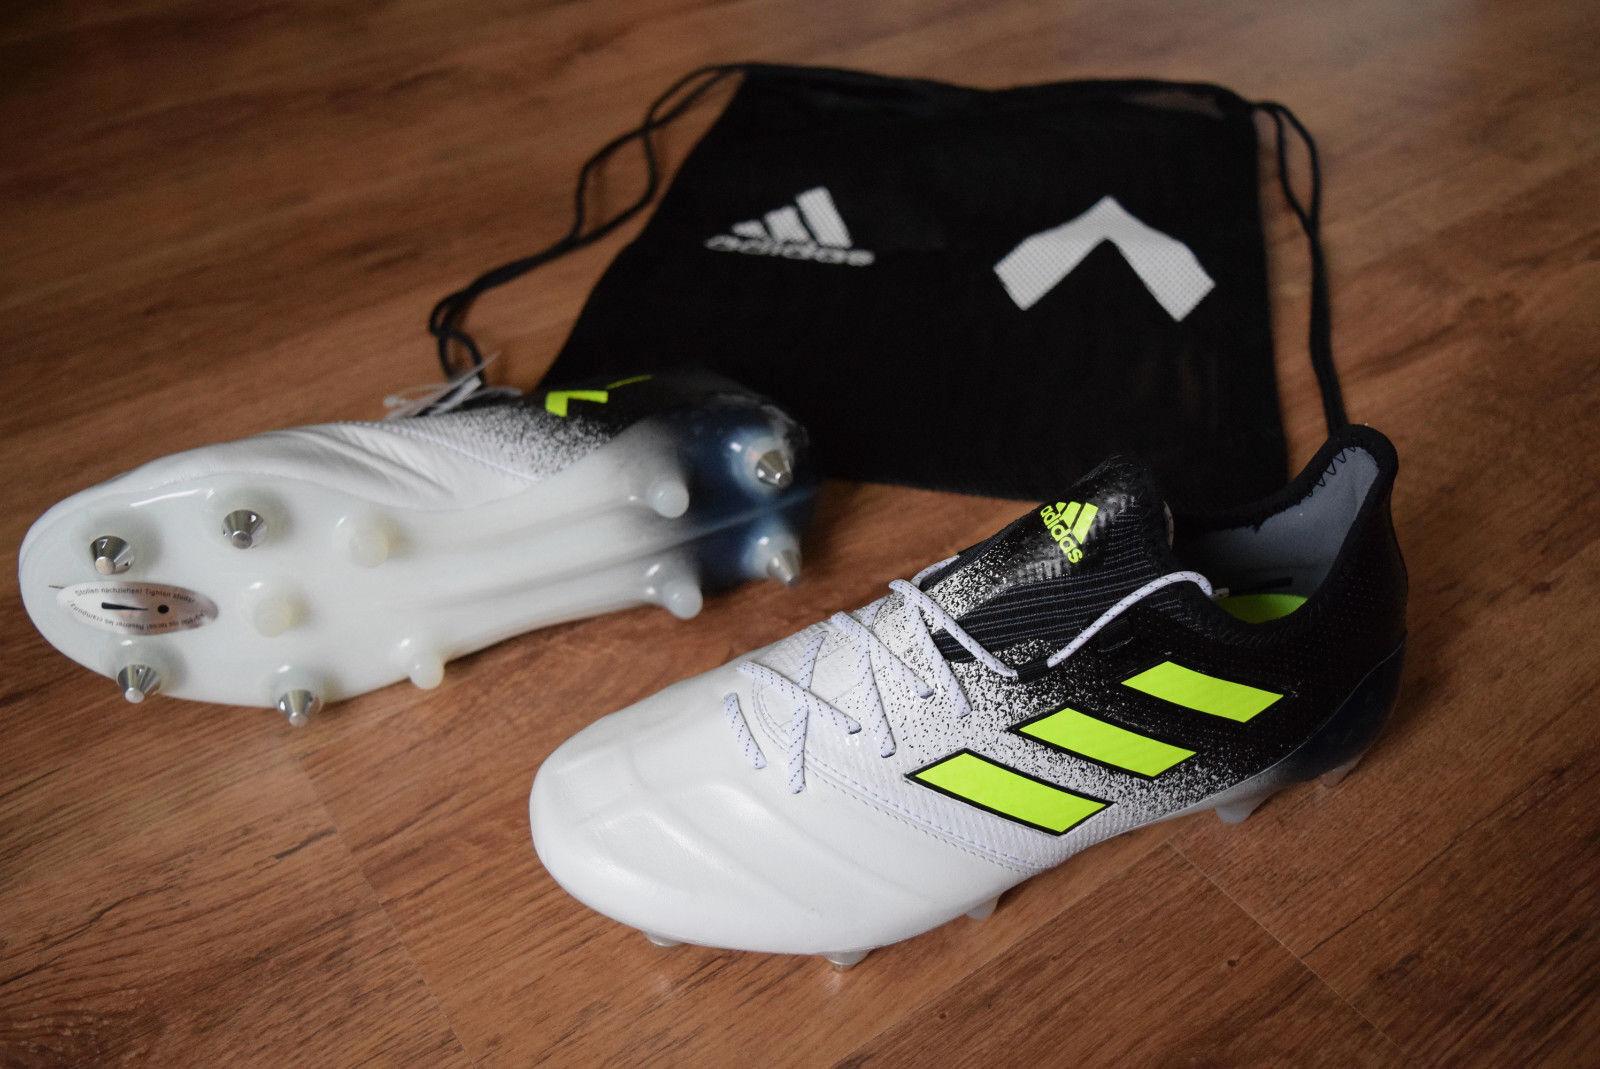 Adidas Ace 17.1 Sg pelle 41 42 Morbido Ground S77053 Scarpe da Calcio Prossoator